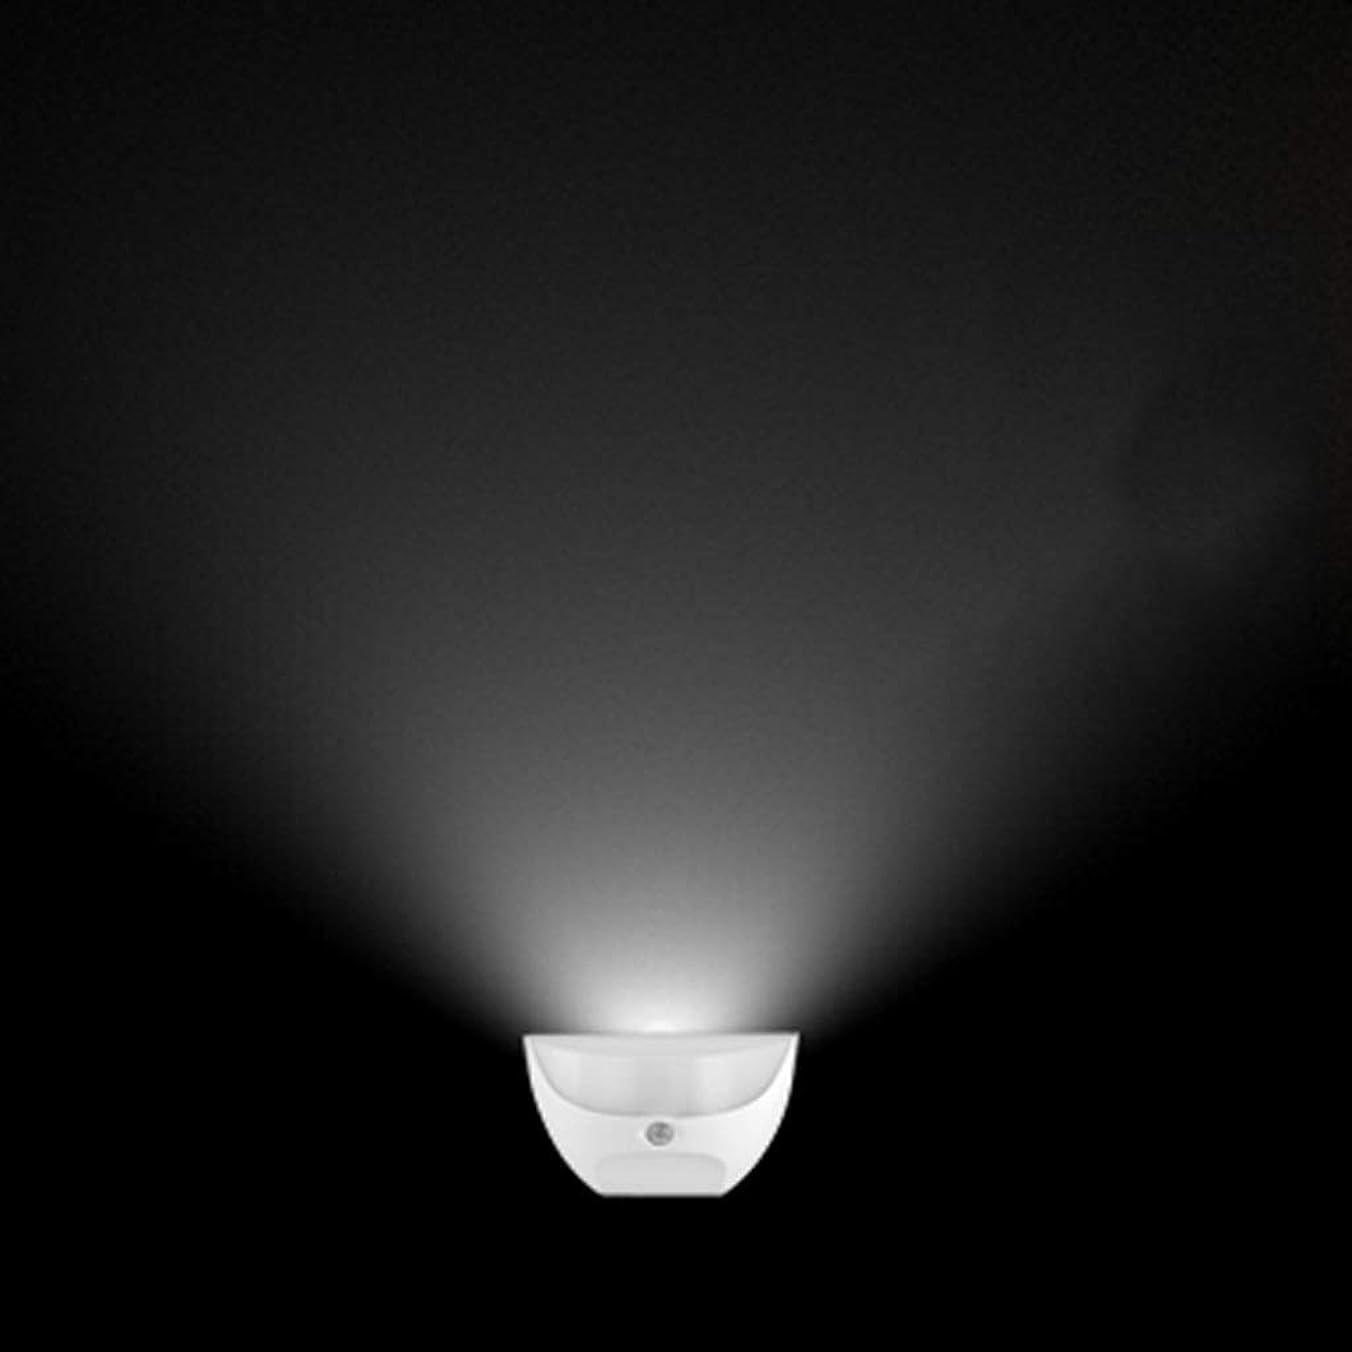 熟達消毒する政権Night light LEDナイトライトUSB充電人体誘導ランプ廊下通路コーナーランプアイプロテクション防水 XBCDP (Color : White)